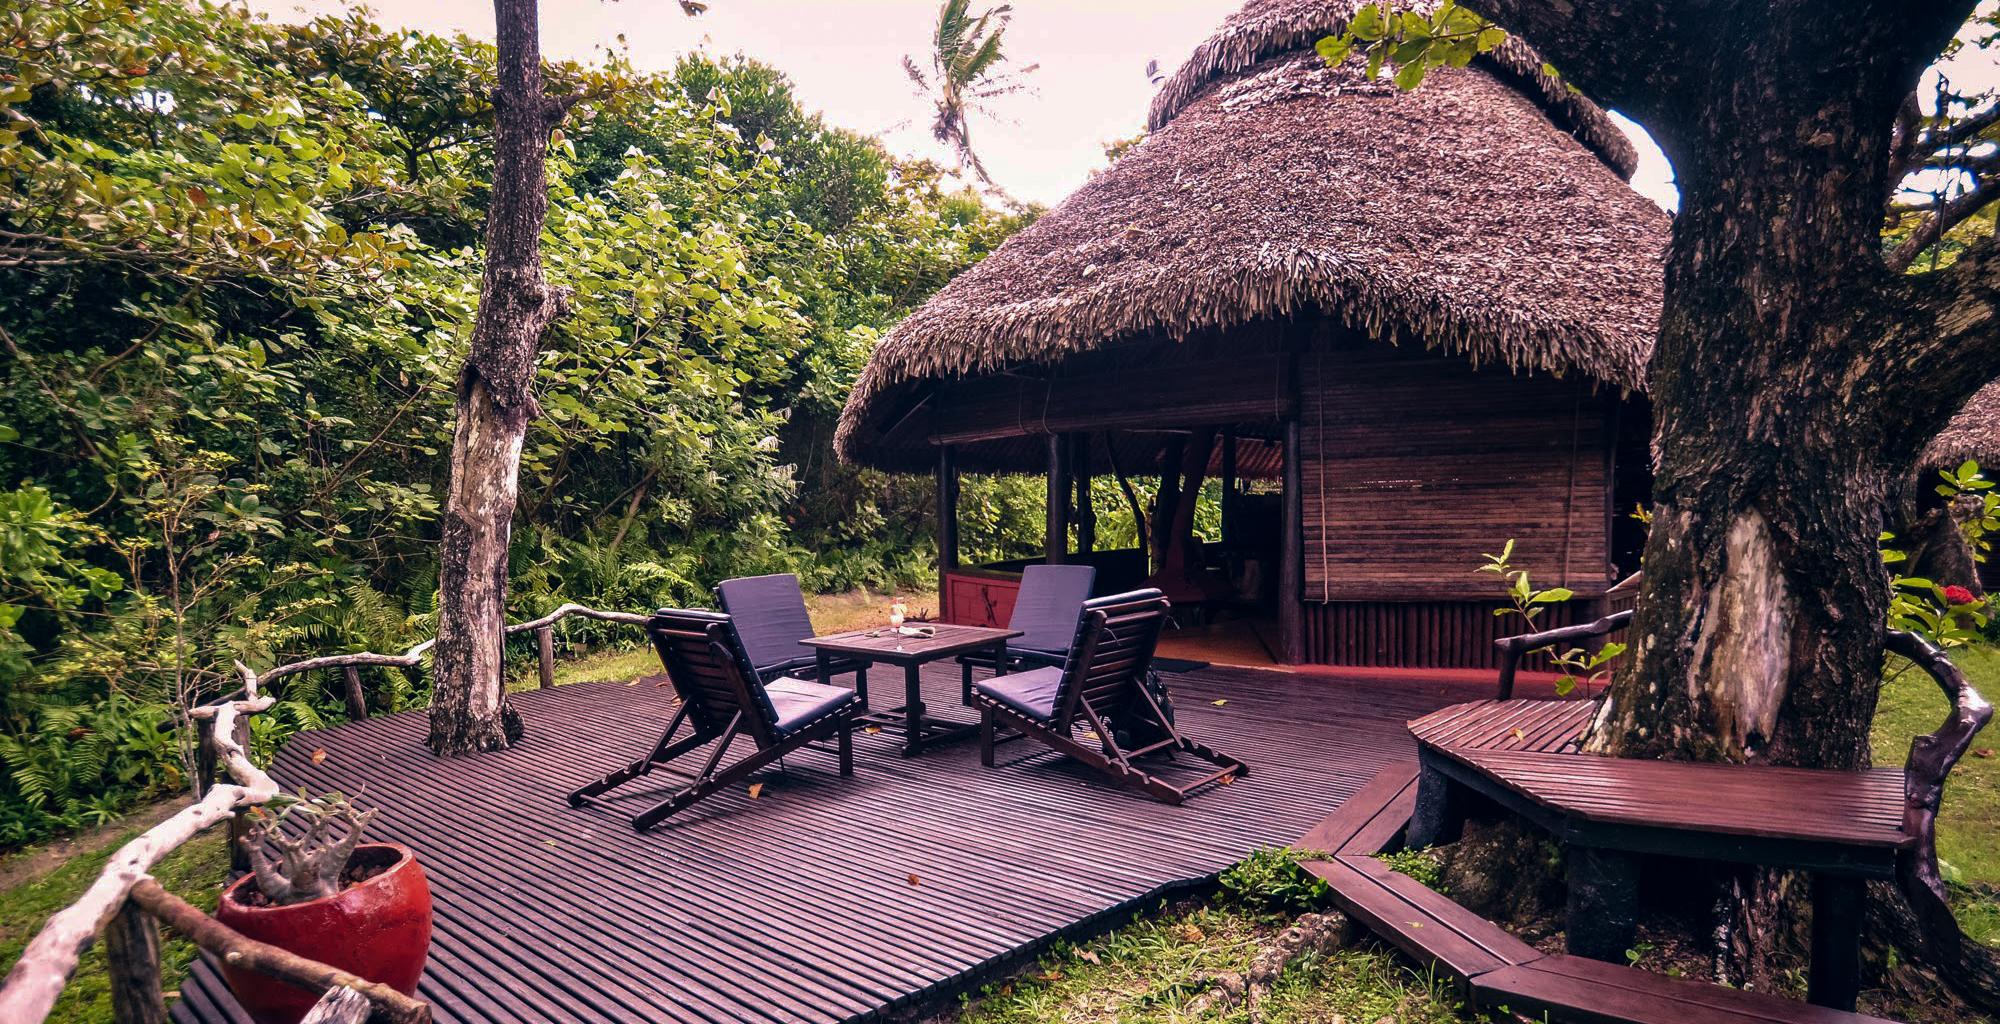 Madagascar-Manafiafy-Deck